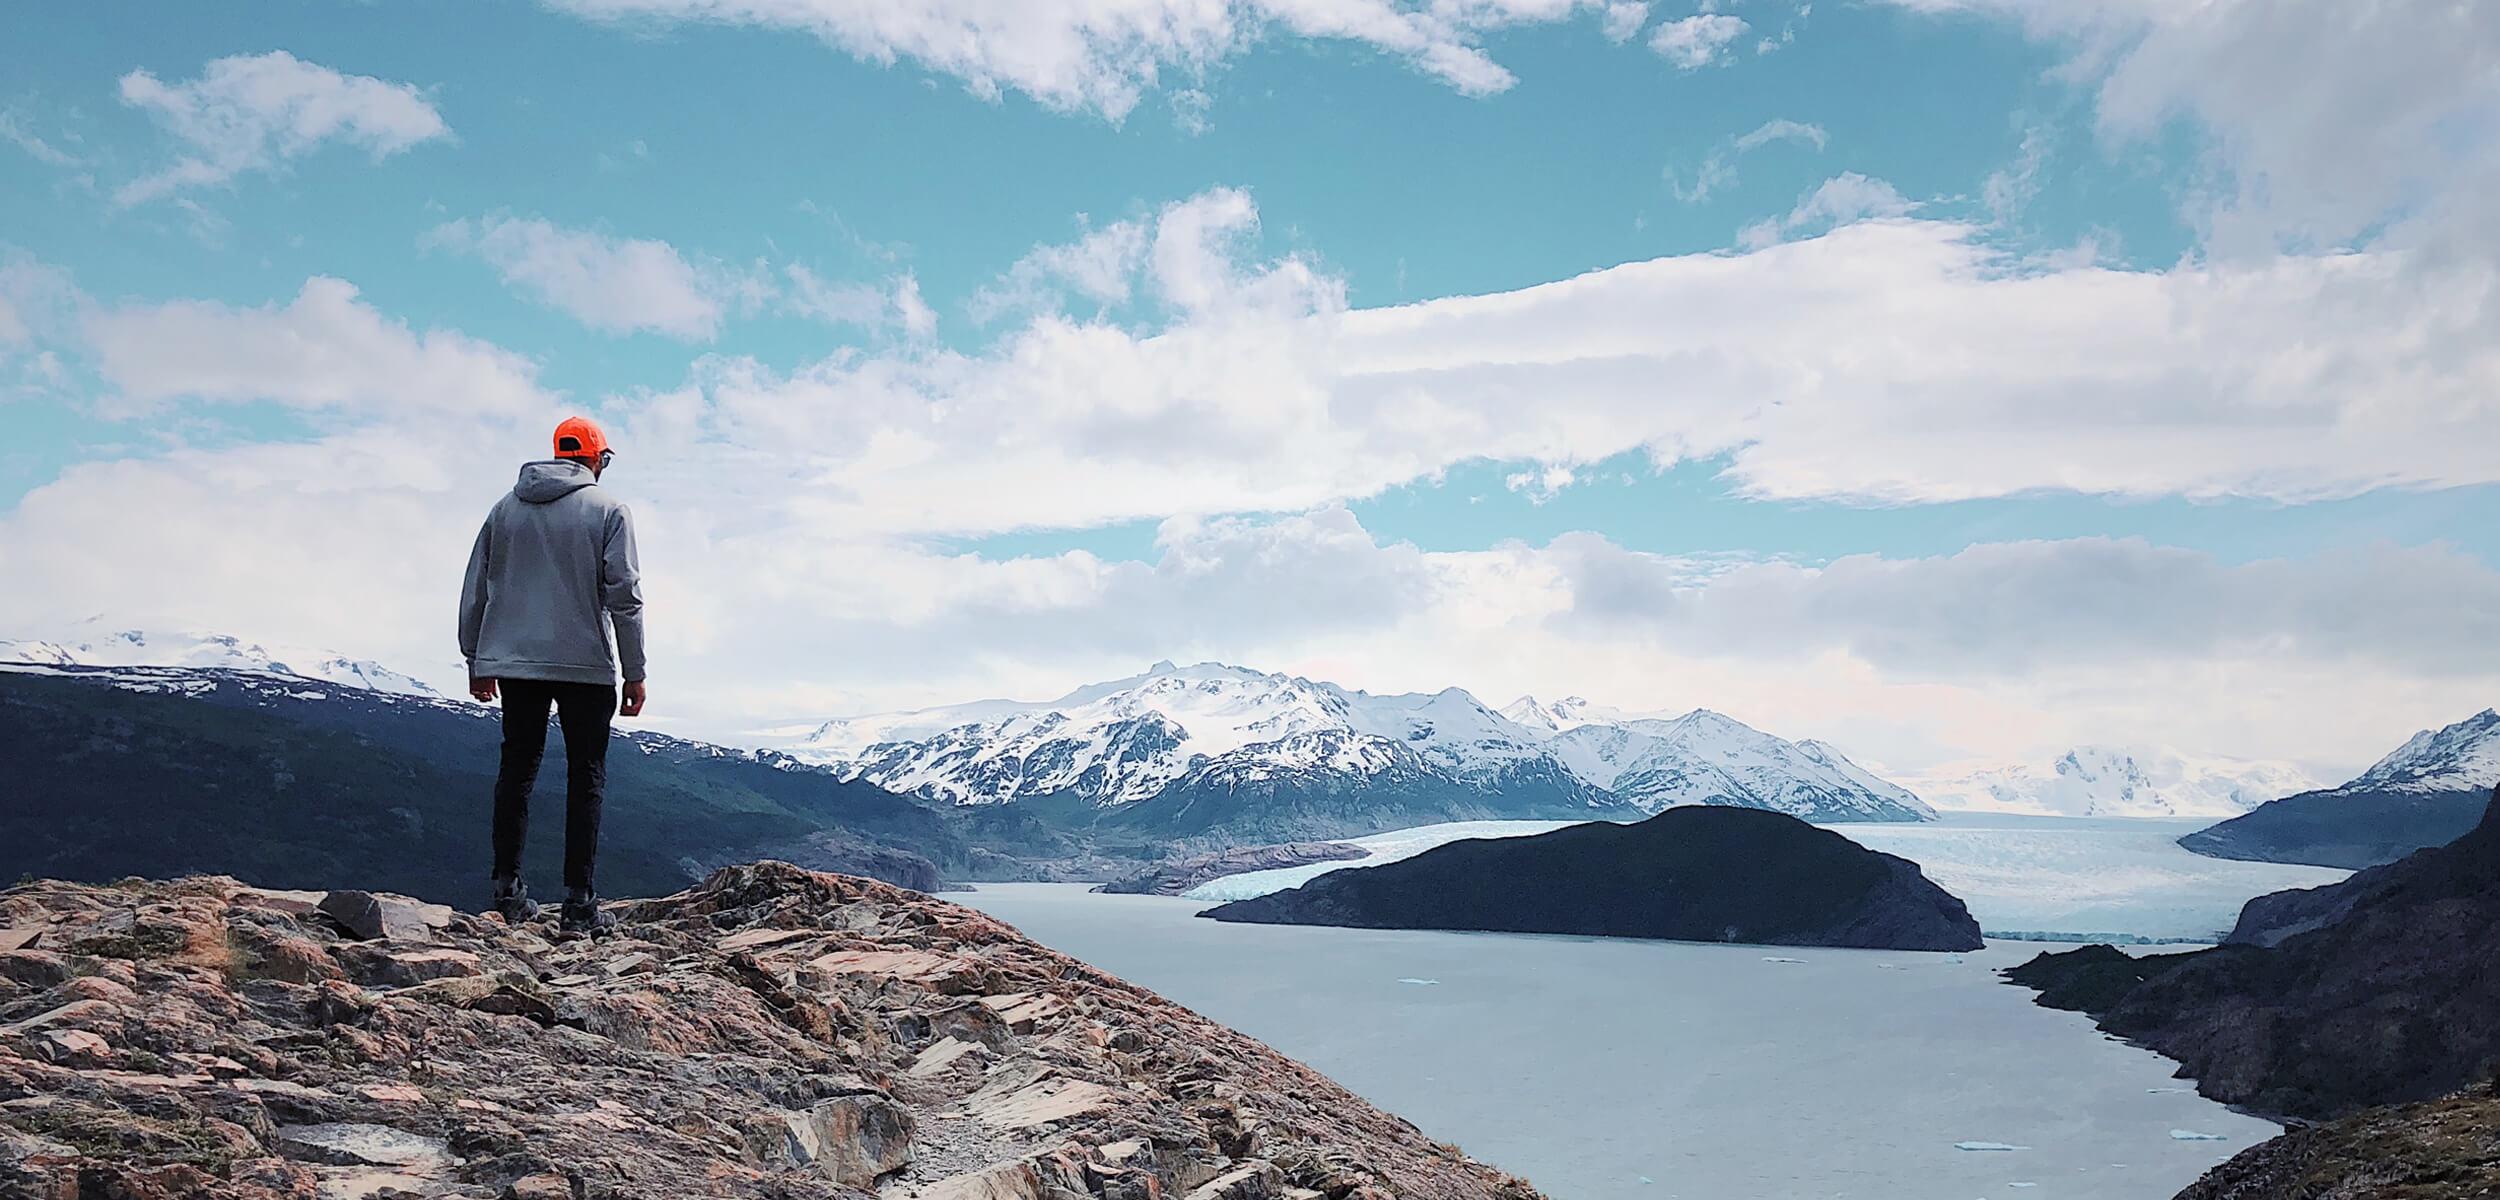 ¿Cuánto cuesta viajar al extremo sur de Chile estando ya en el país?